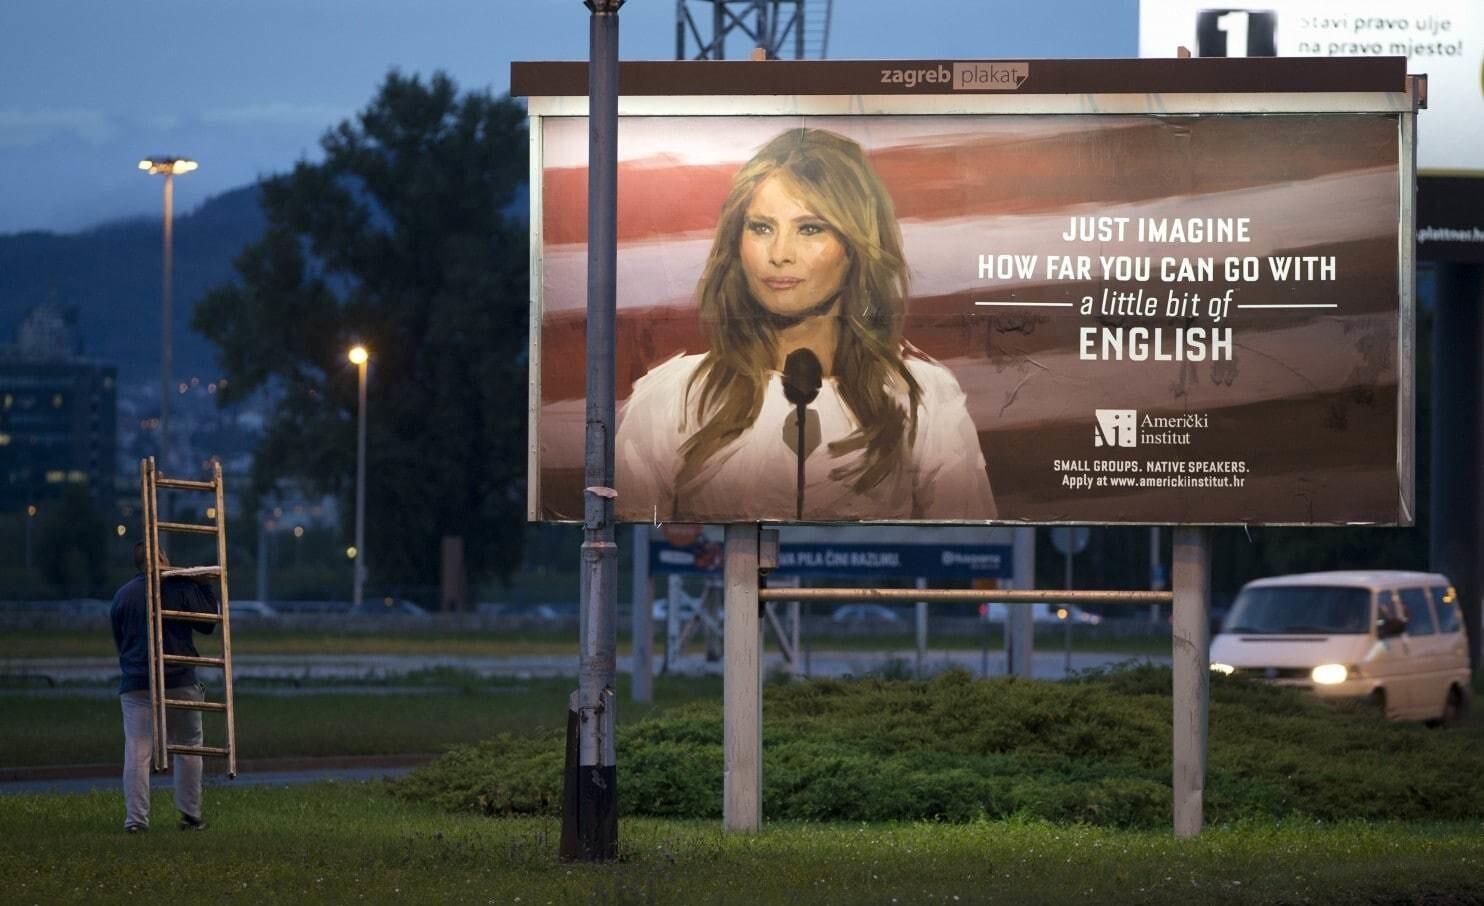 Хорватский институт использовал фото Меланьи Трамп для рекламы изучения английского языка